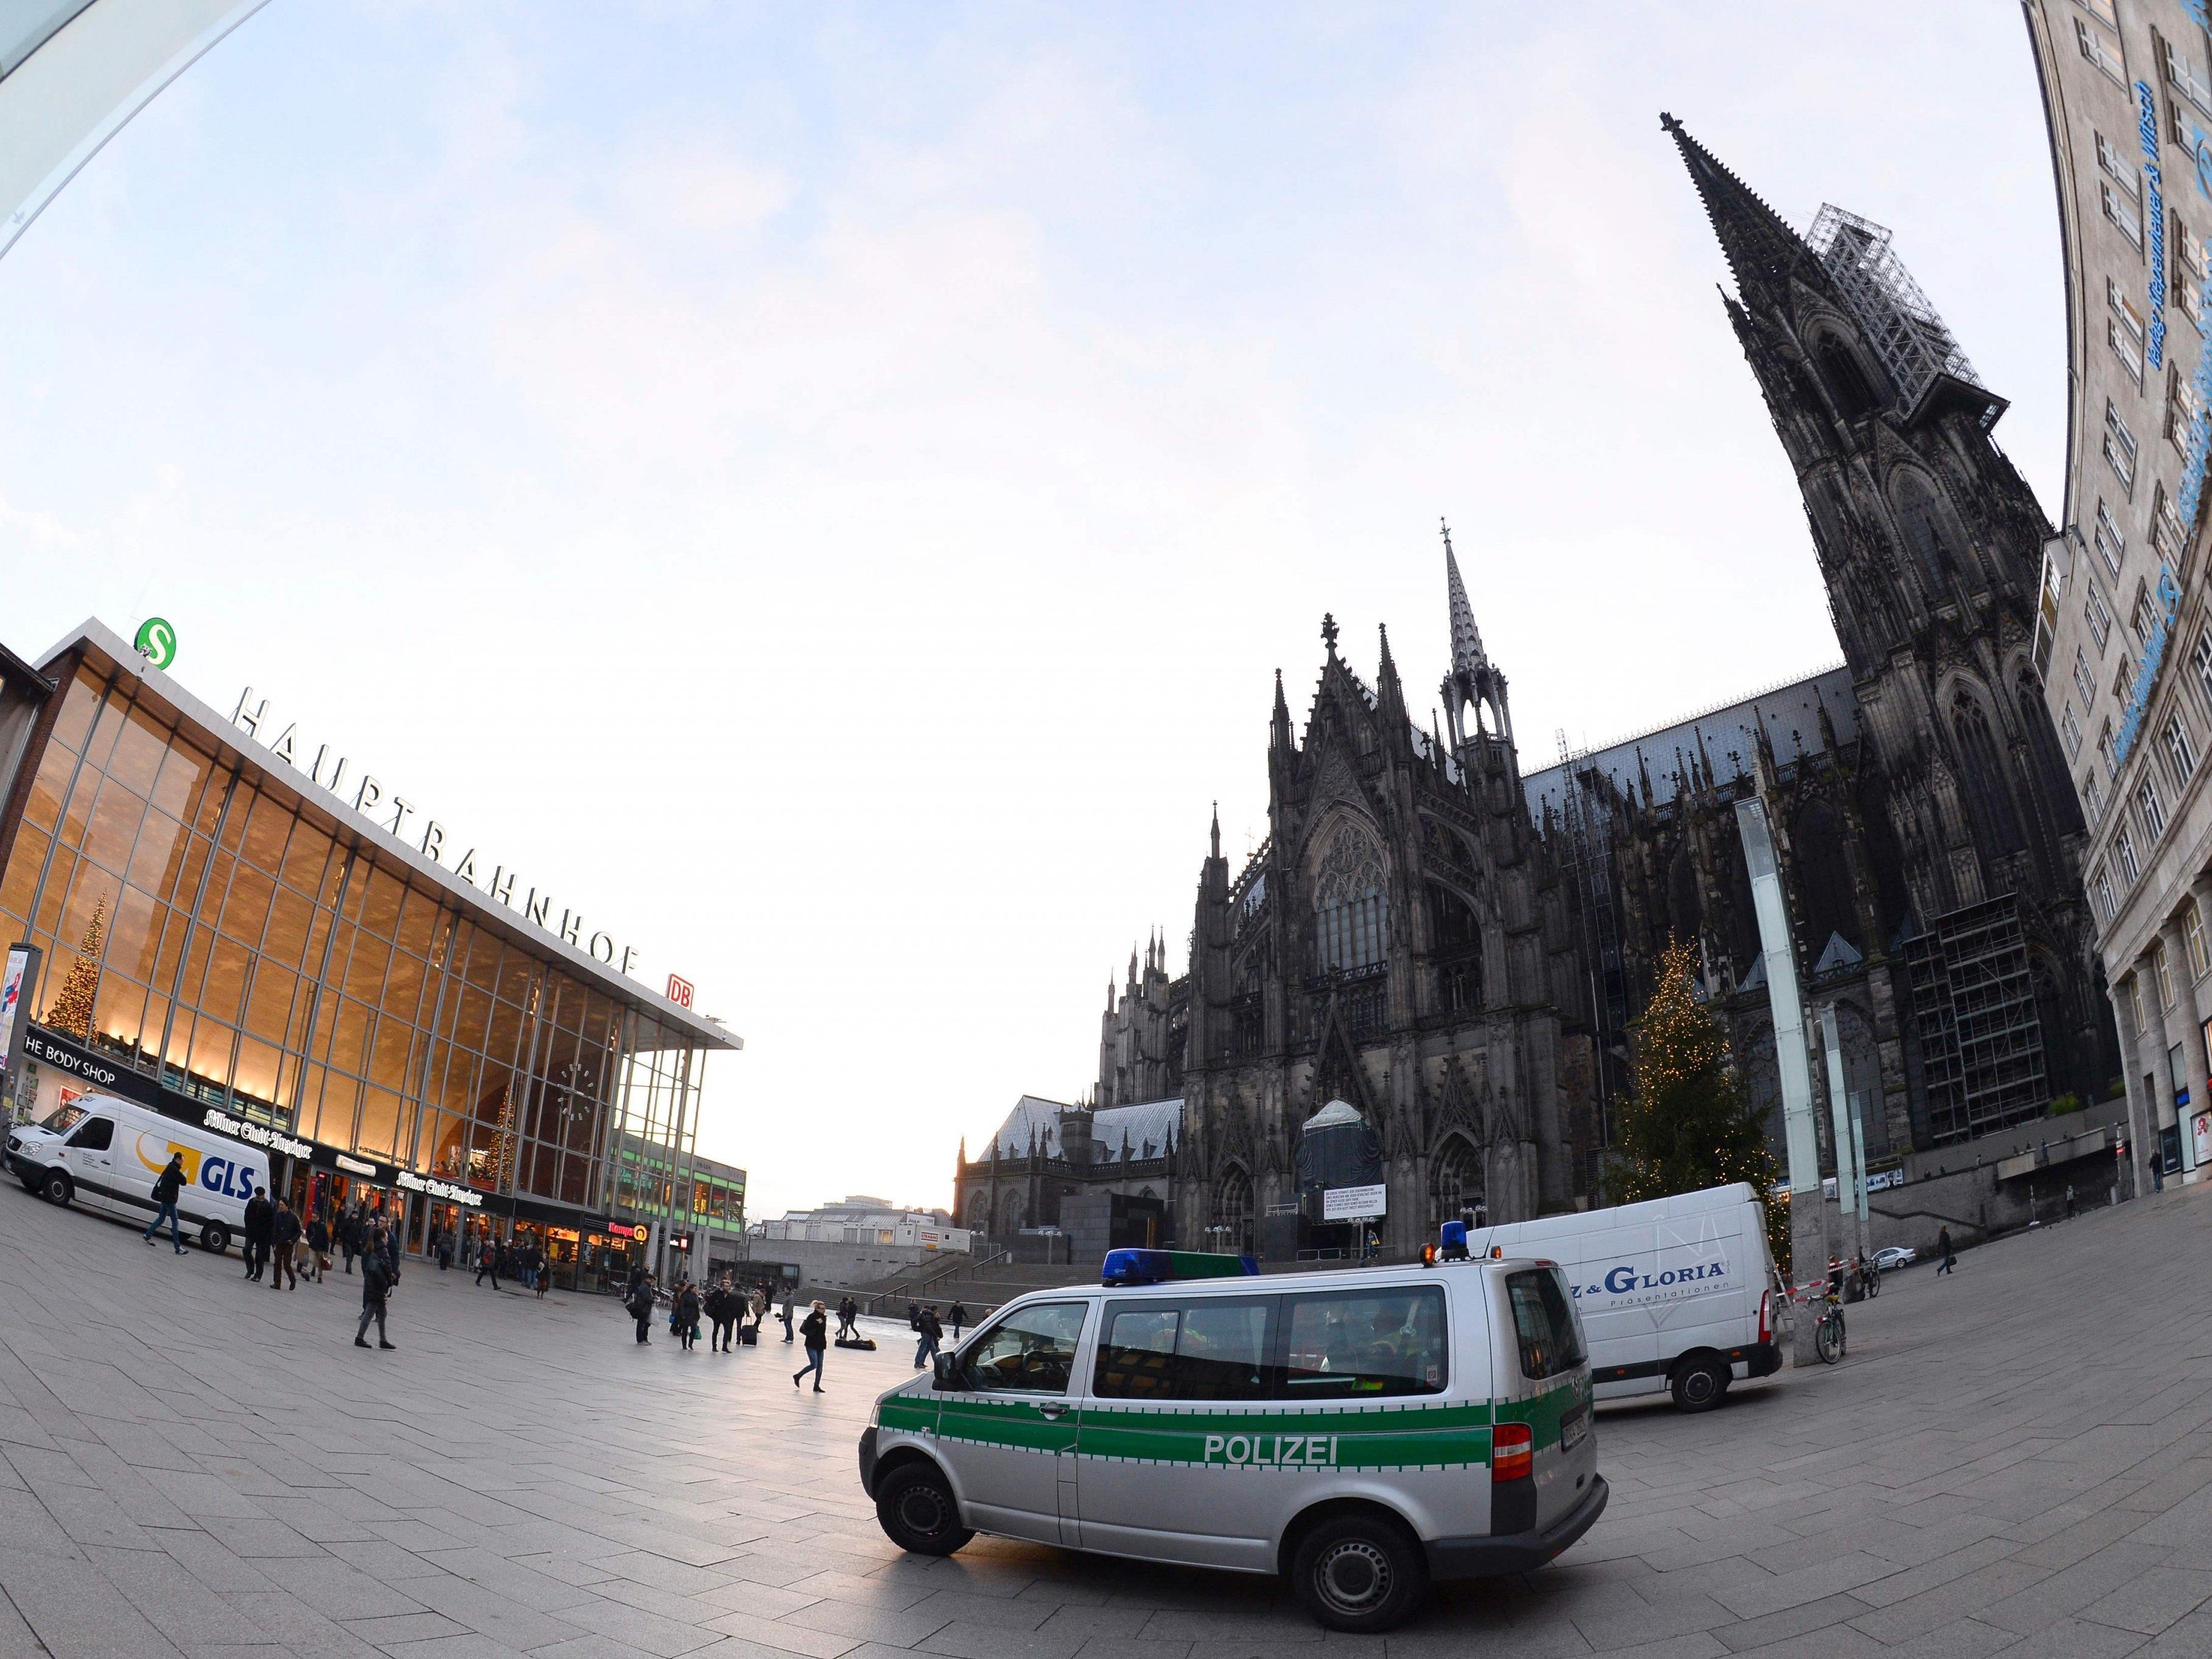 In Deutschland bereiten Bürgerwehren Sorgen - nicht erst nach den Köln-Übergriffen.